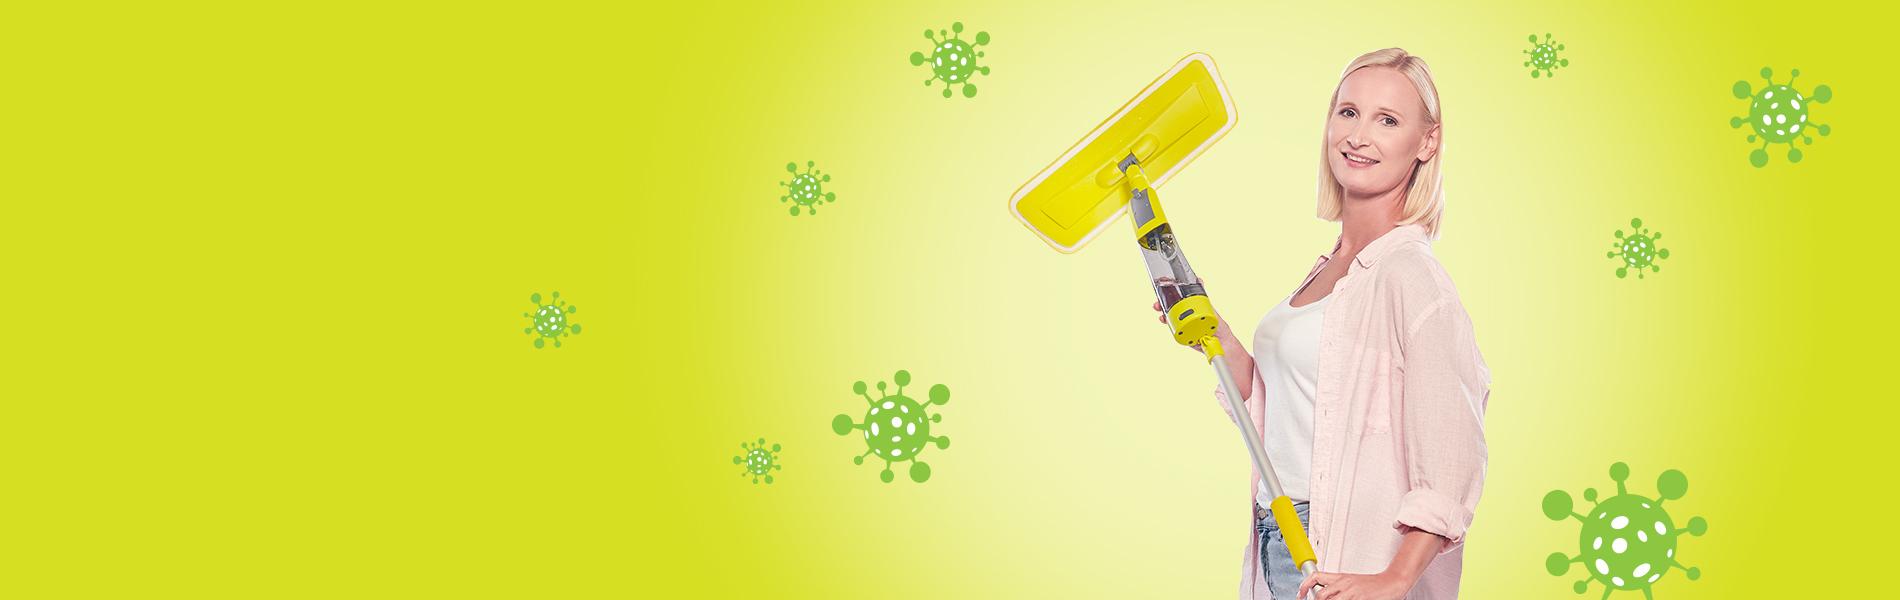 Spray felmosó szett Eco fertőtlenítő rendszerrel